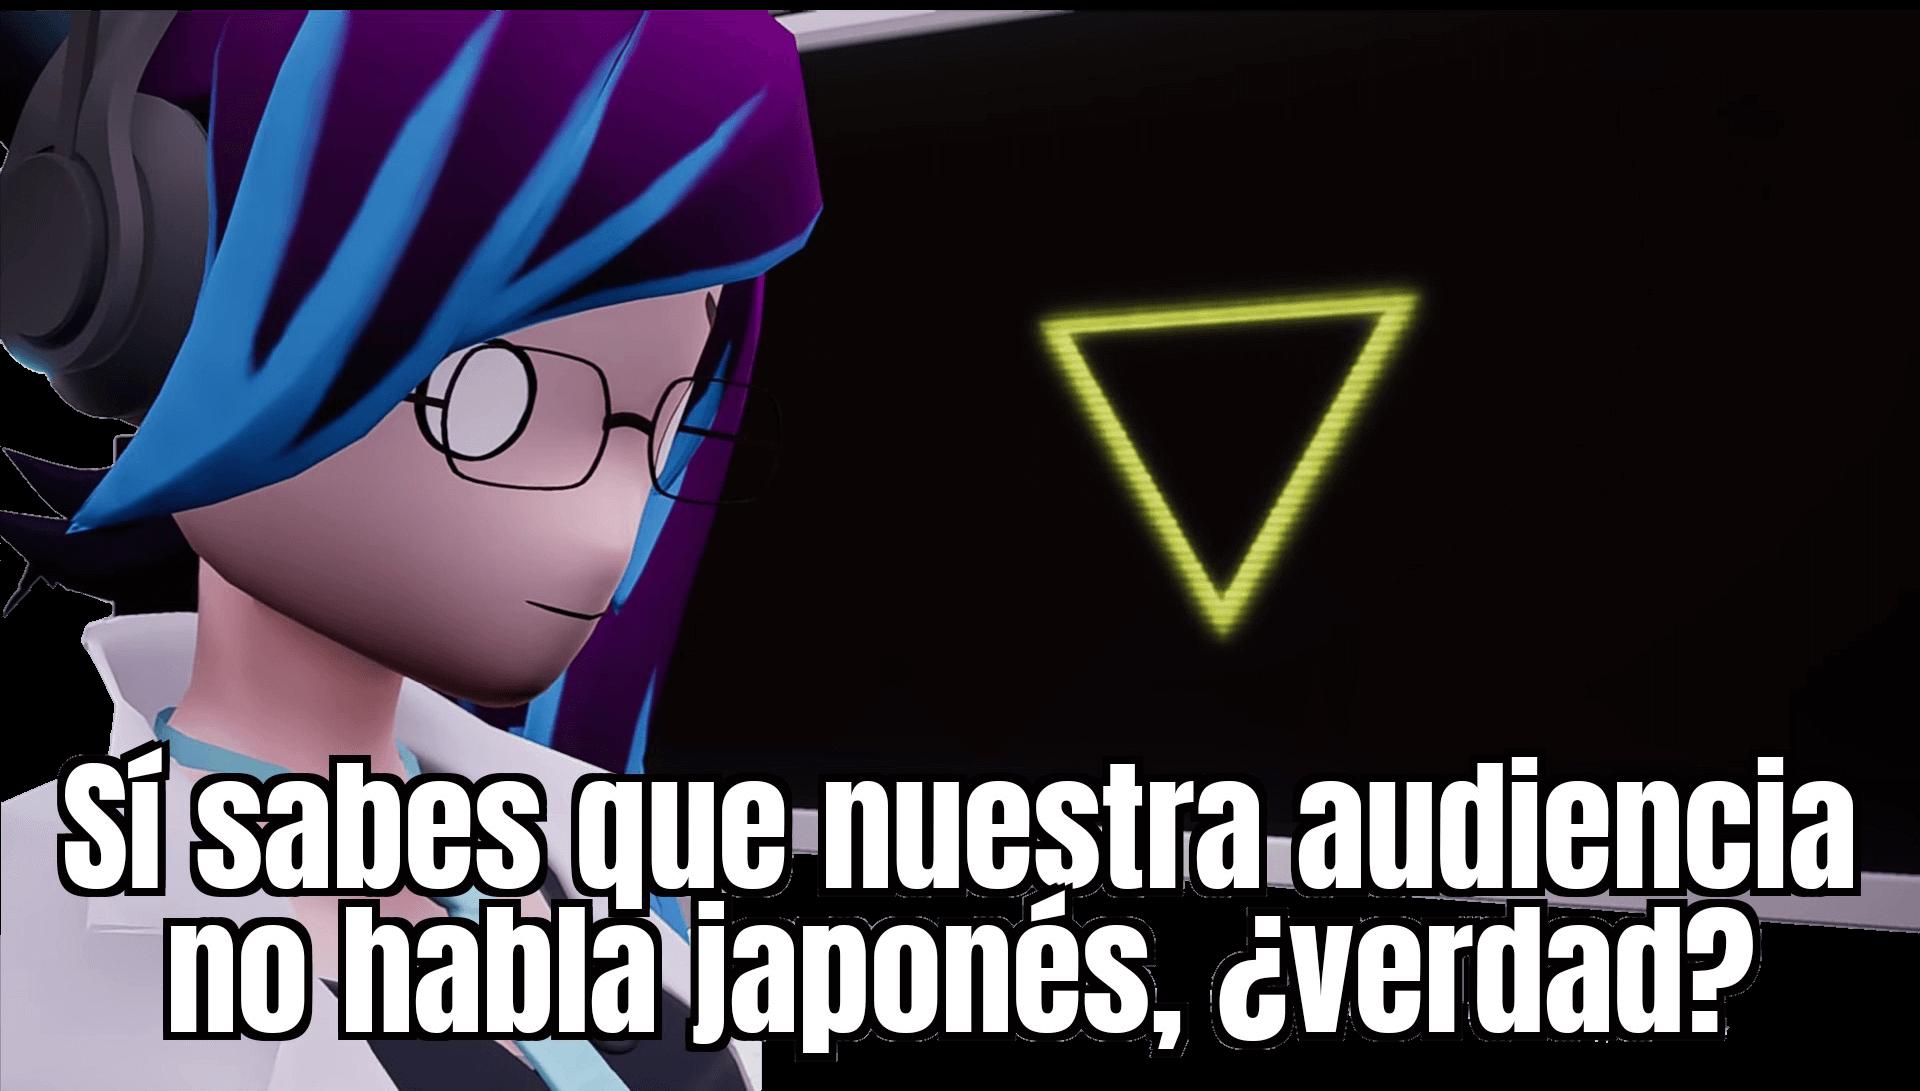 Plantilla de Sí sabes que nuestra audiencia no habla japonés, ¿verdad?